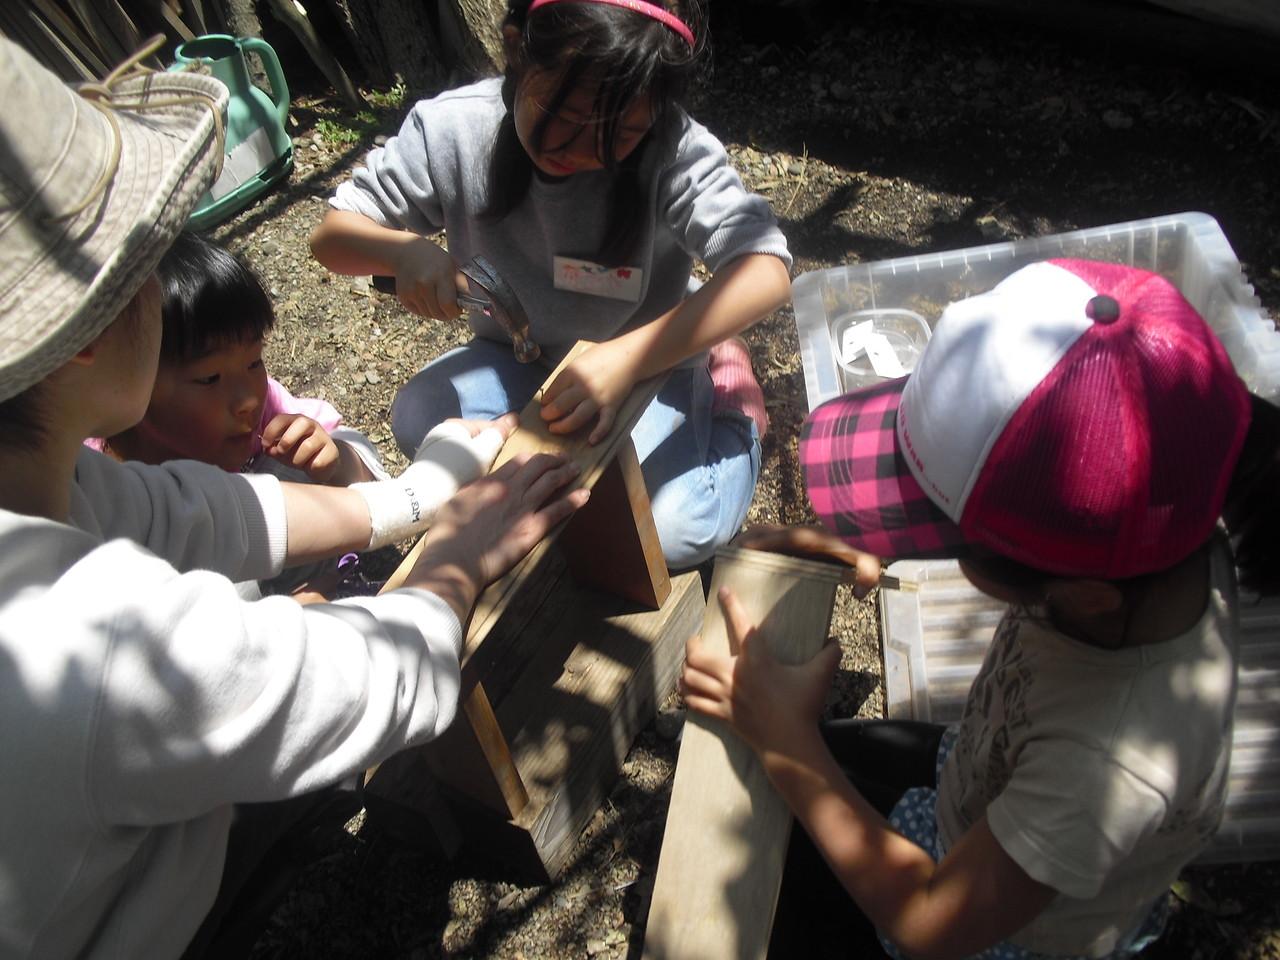 ここでは、小さな家を作りたいというので、気に入った木材を選んでスタッフに手伝ってもらいながら作っています。